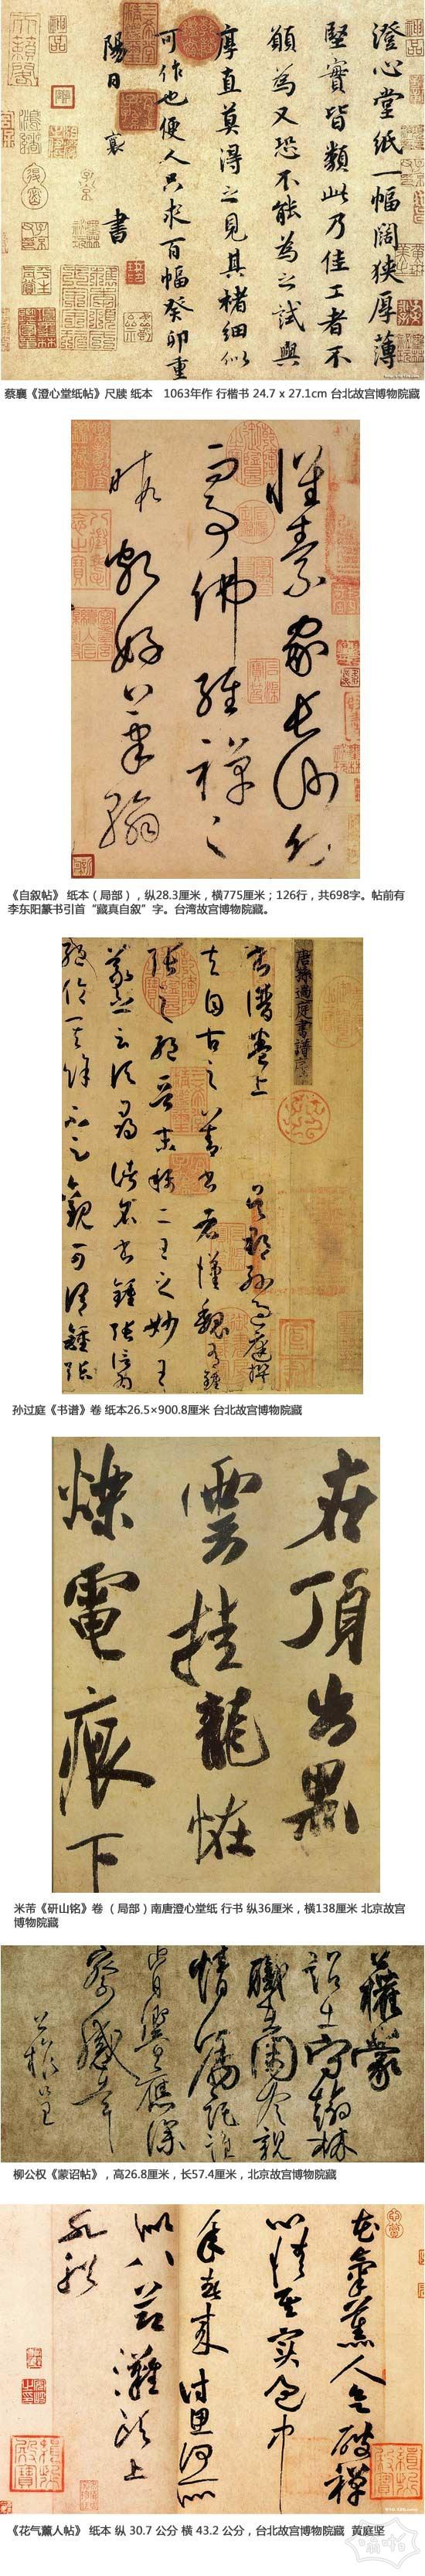 那些书法神品 书法名迹欣赏 历代书法神品 - 嗡啪网